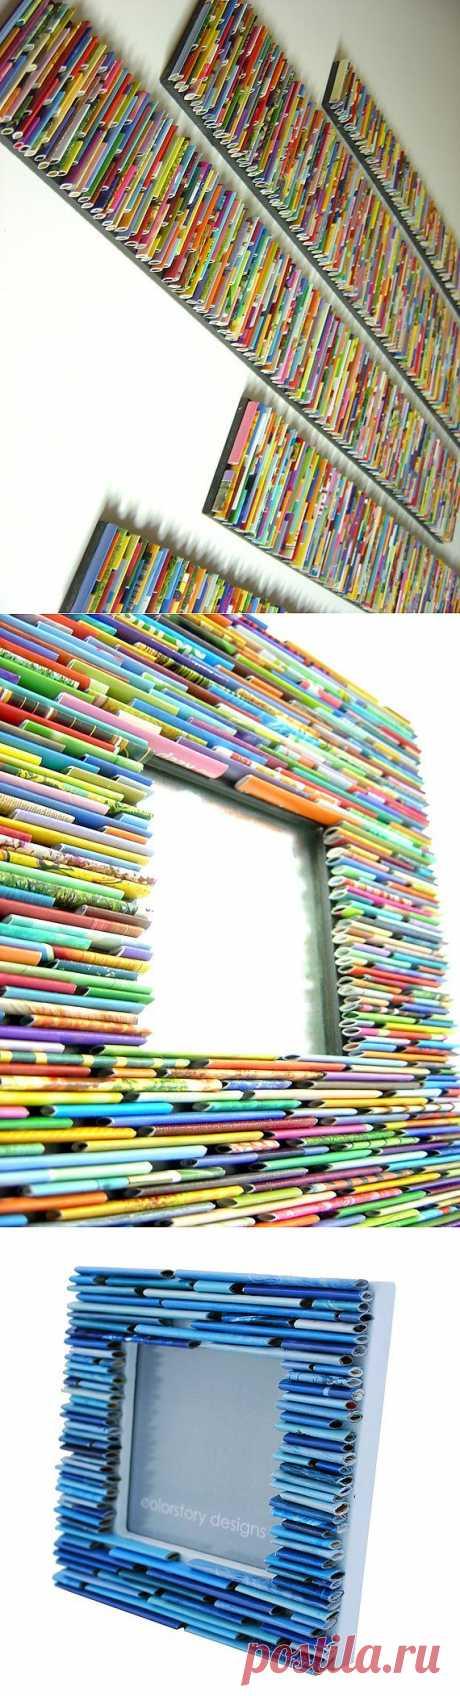 Как украсить стену старыми журналами) / Арт-объекты / ВТОРАЯ УЛИЦА